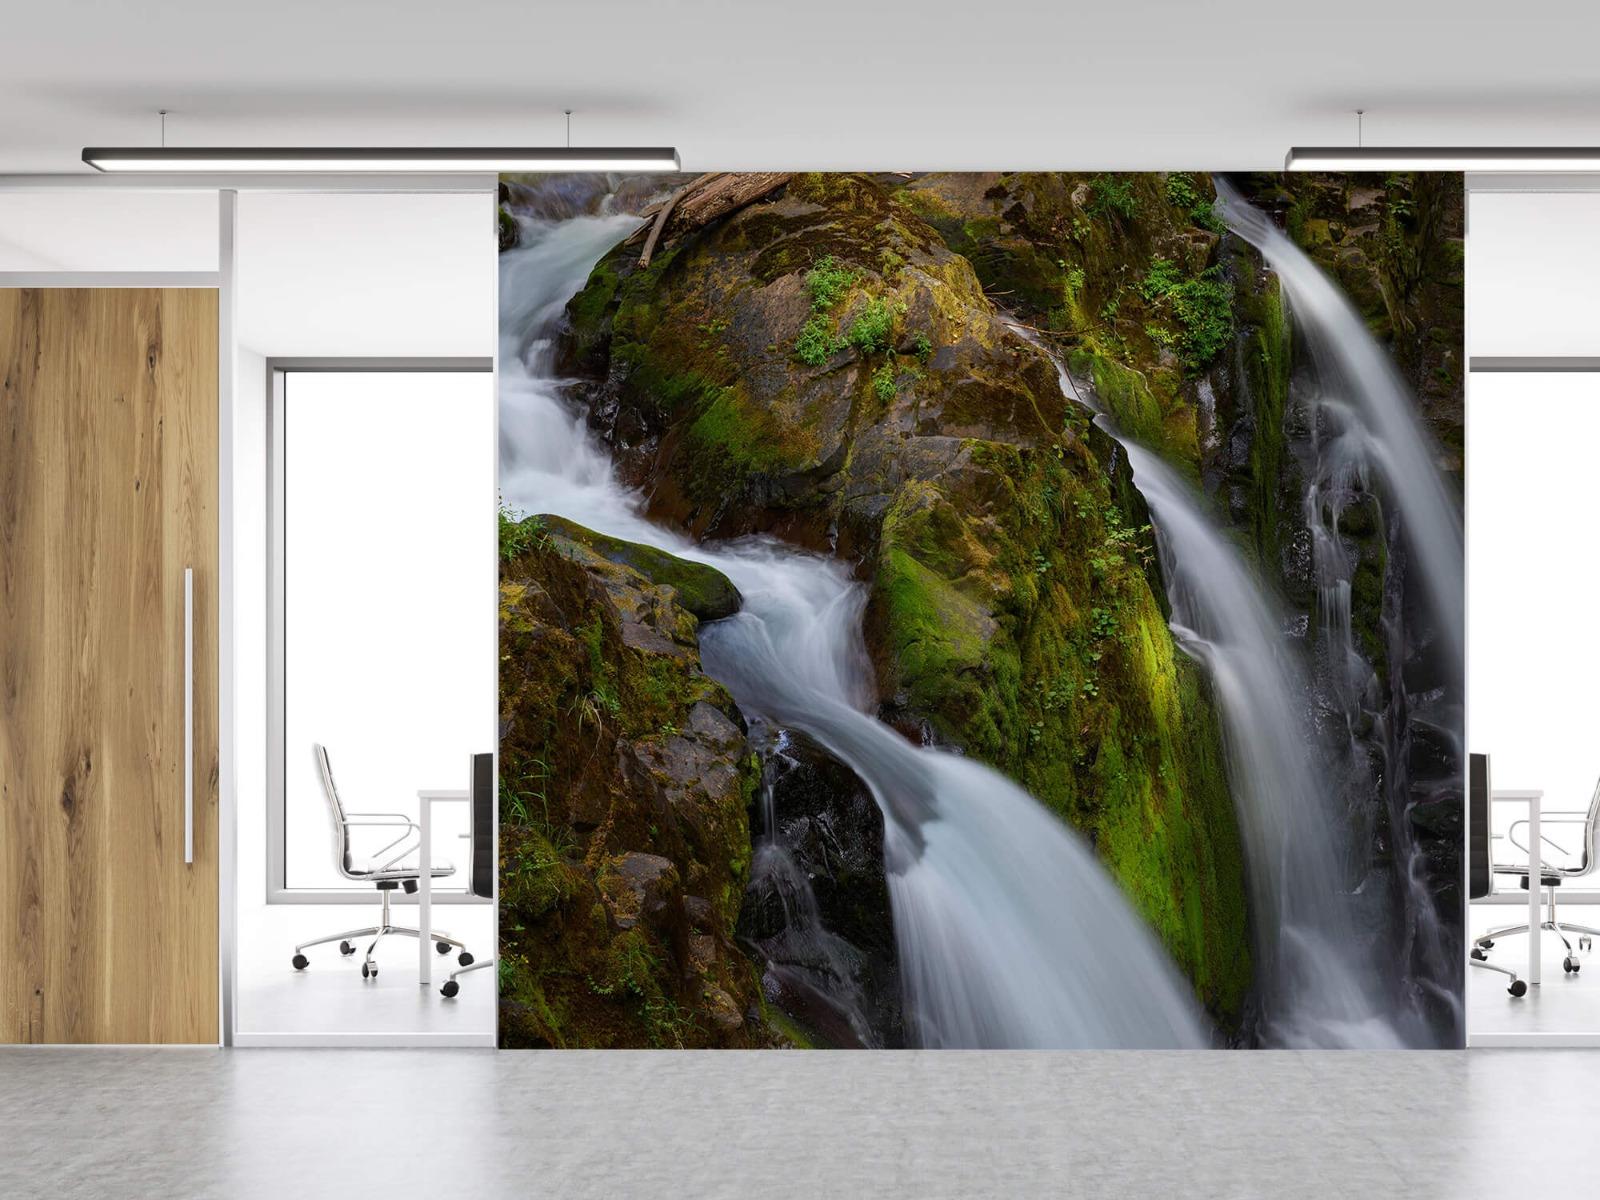 Watervallen - Driedubbele waterval - Slaapkamer 2